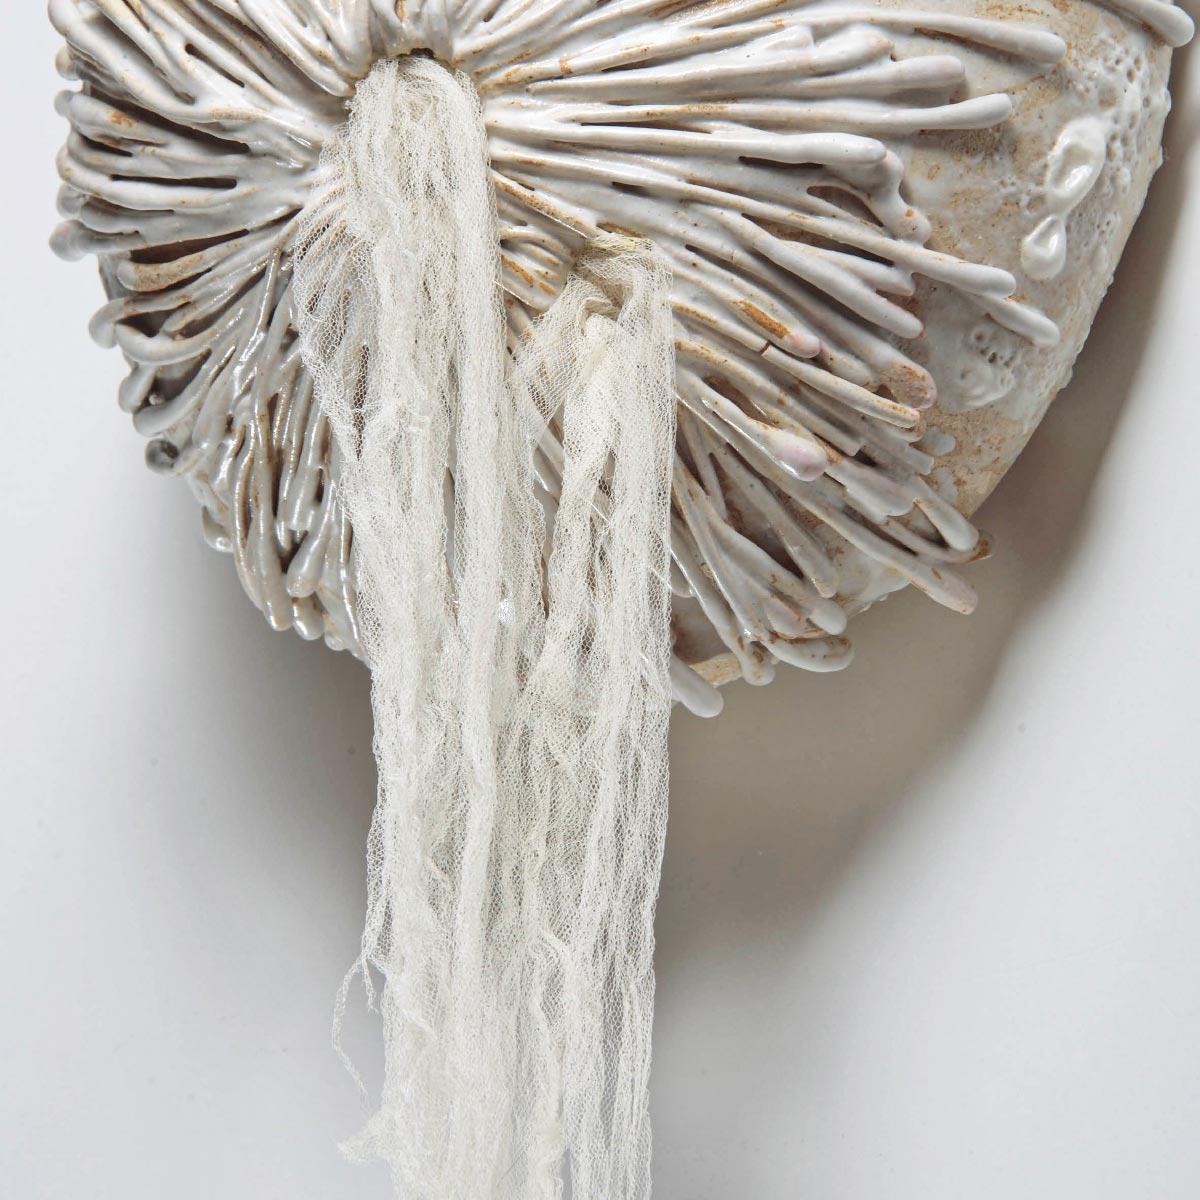 Sculpture Tako Tsubo stoneware glaze veil Angelica Tulimiero Italiano Plurale artist